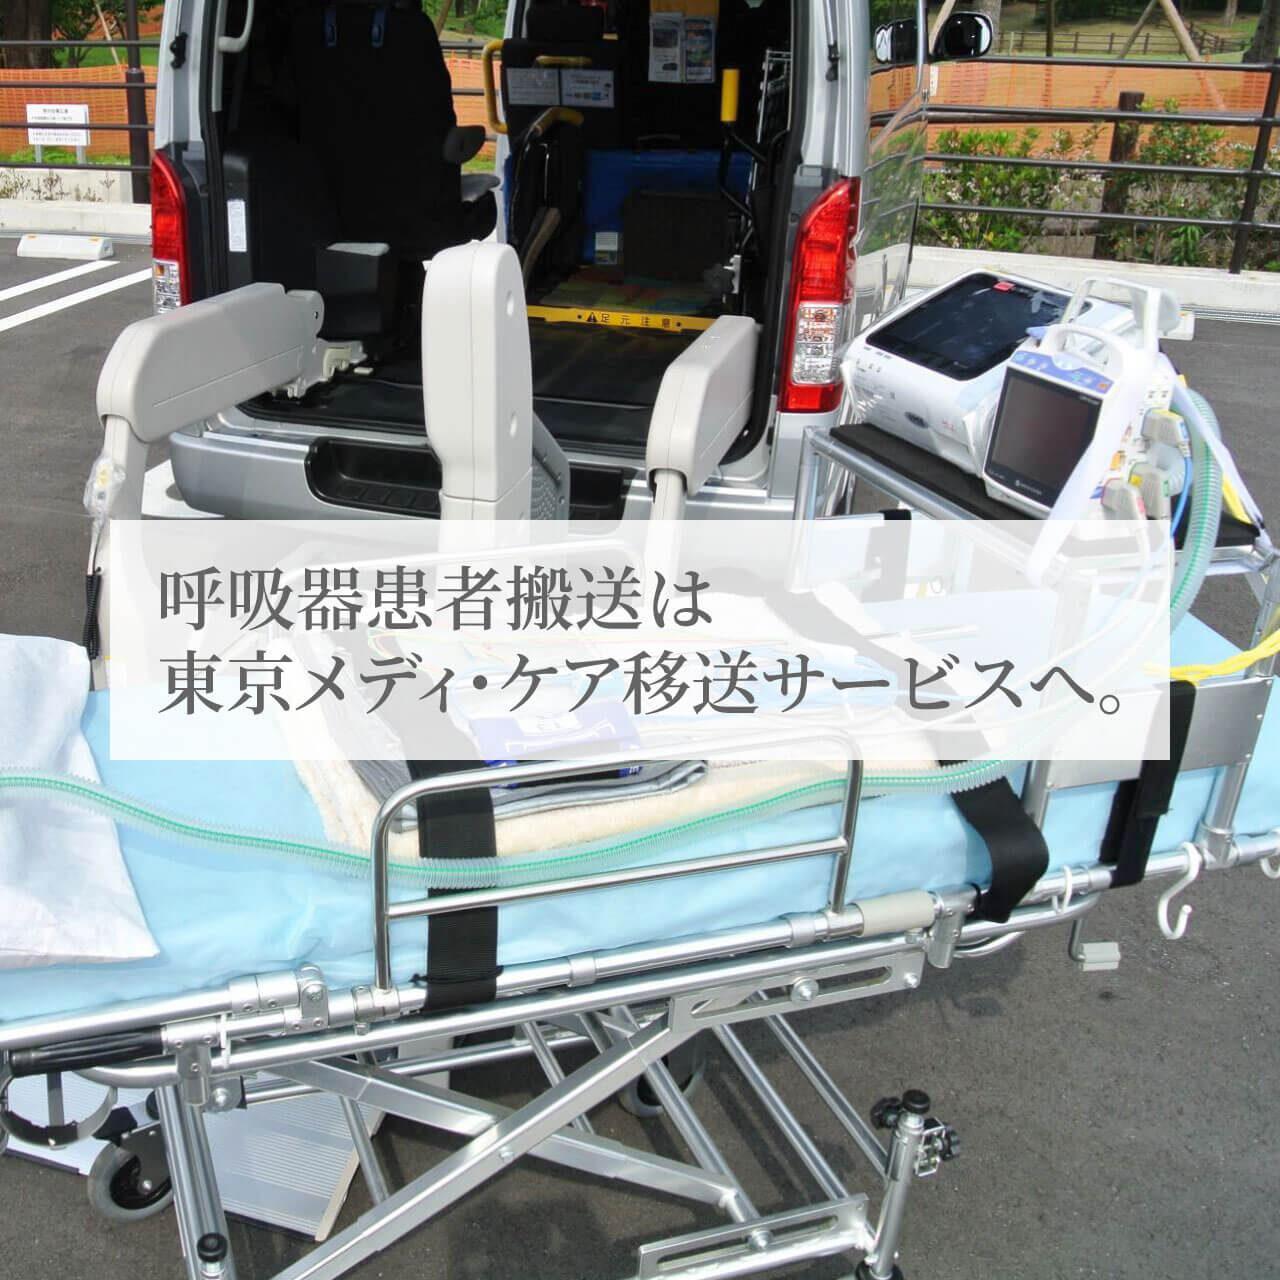 呼吸器患者搬送は東京メディ・ケア移送サービスへ